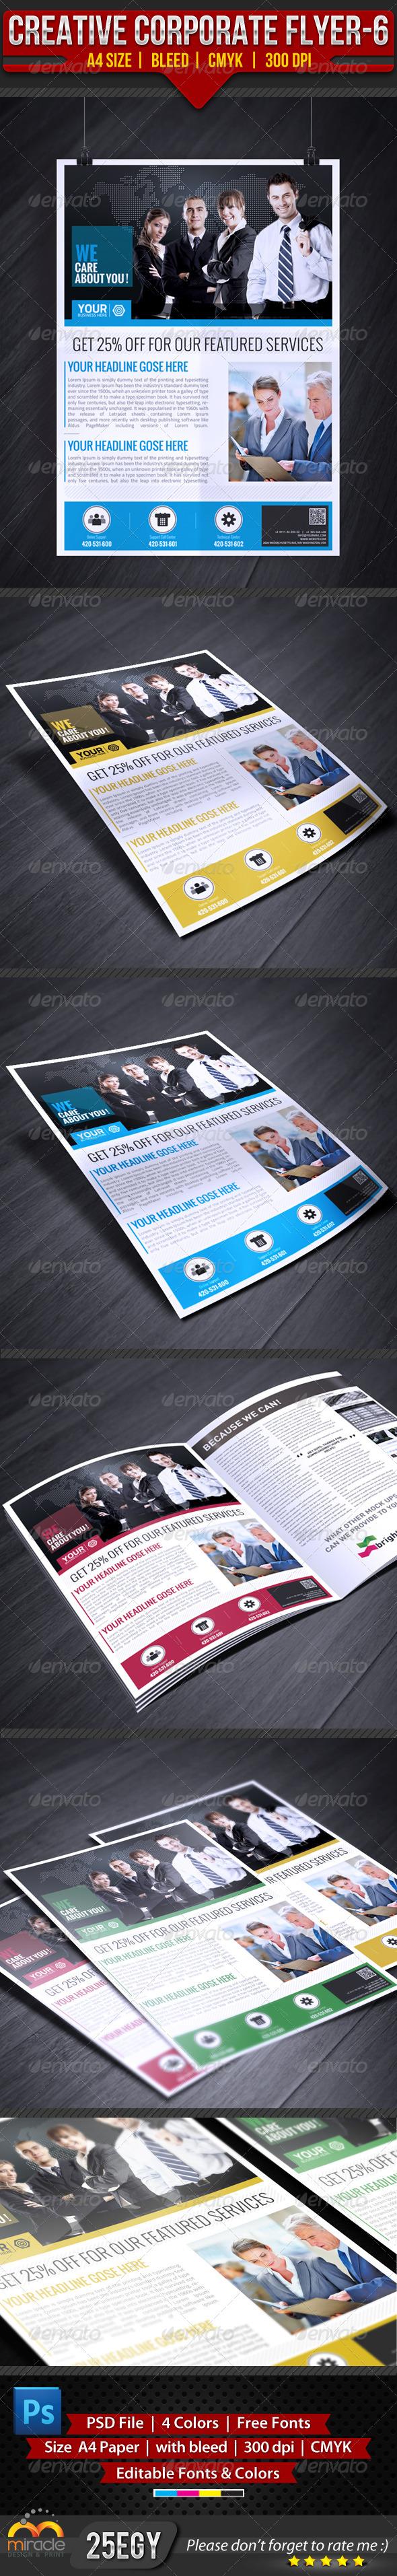 GraphicRiver Creative Corporate Flyer 6 4433146